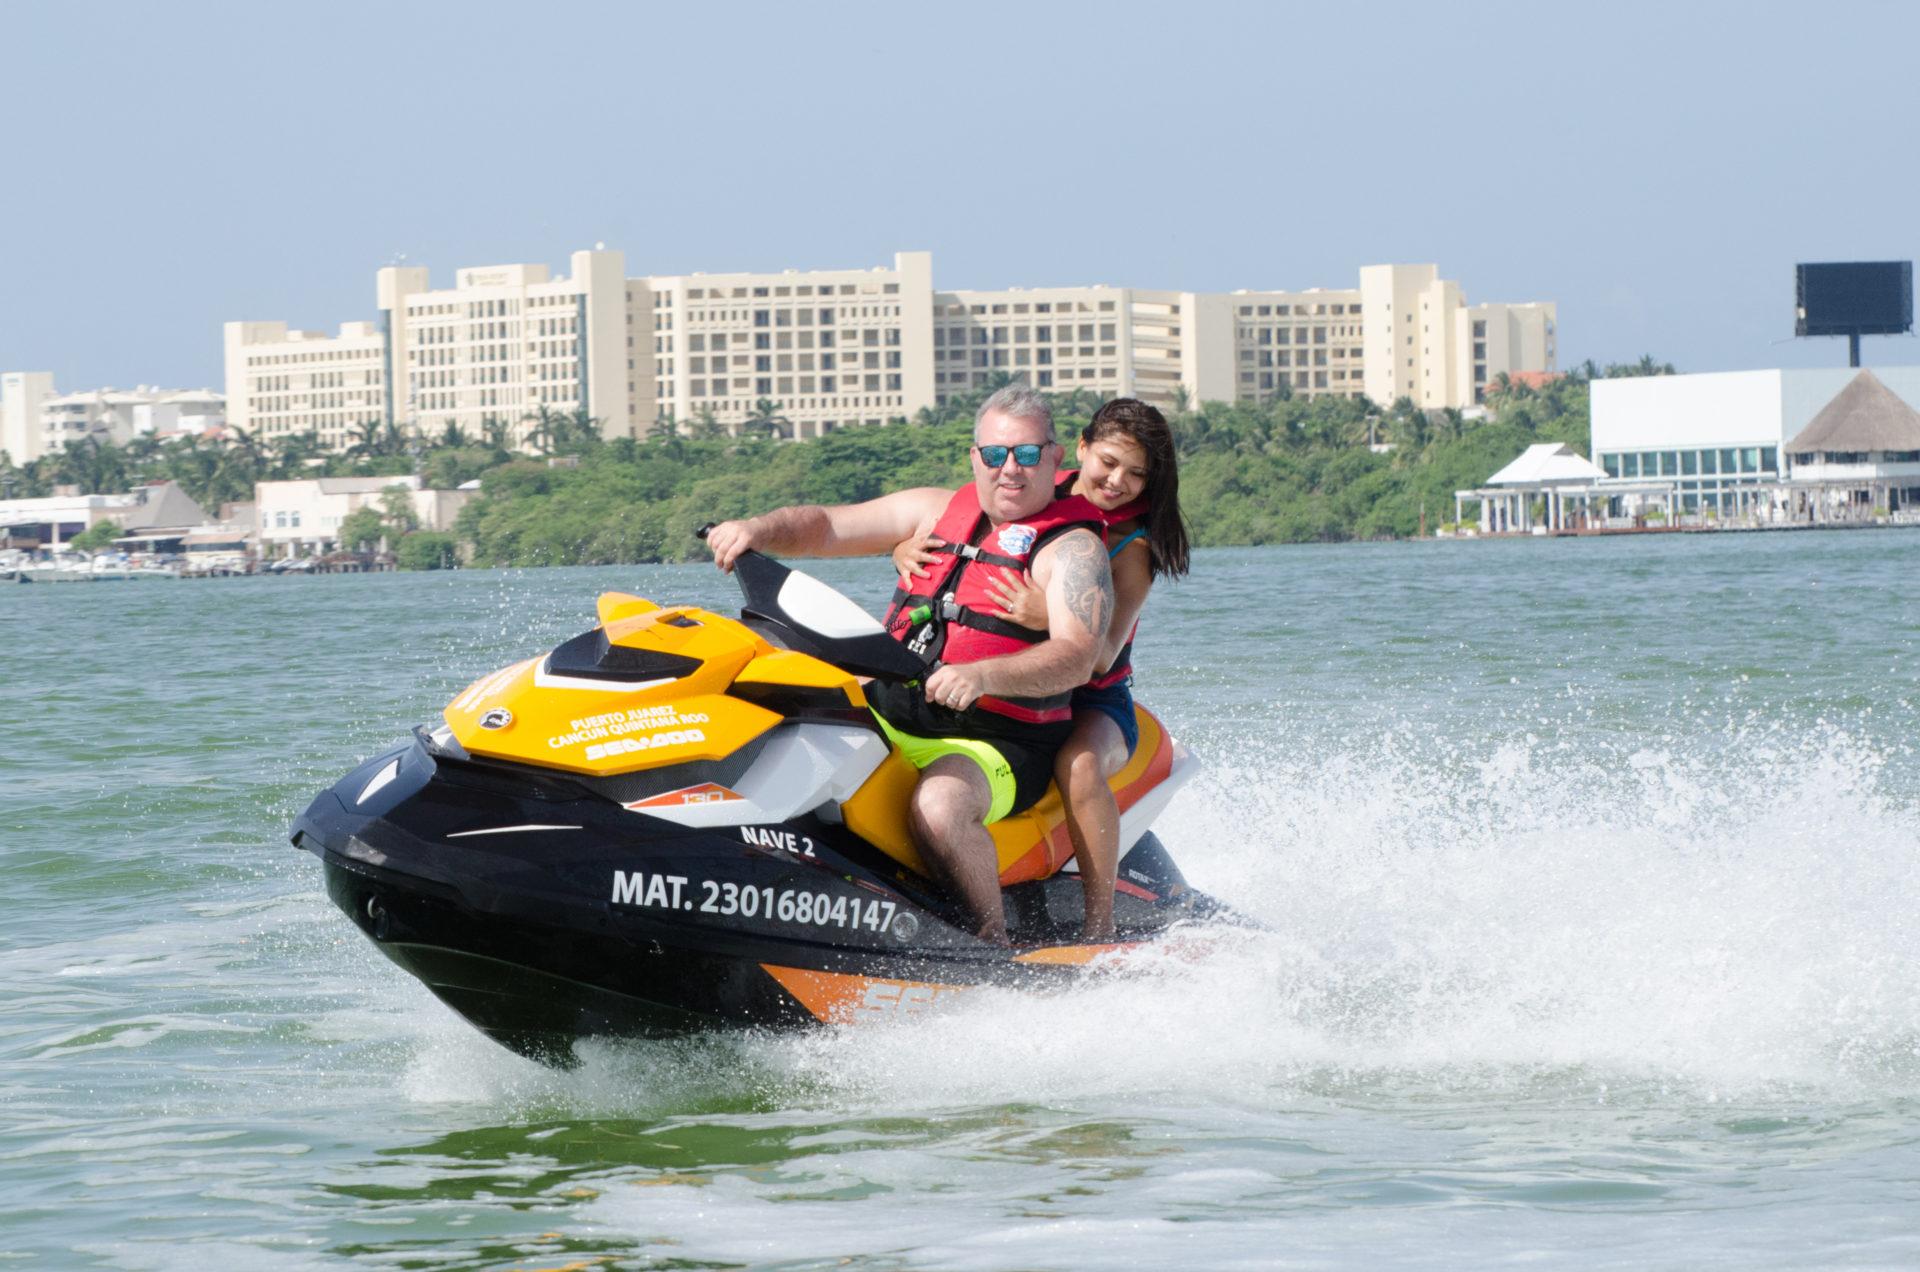 Cancun Jet Skis | The Best Jet Ski Rentals in Cancun ...